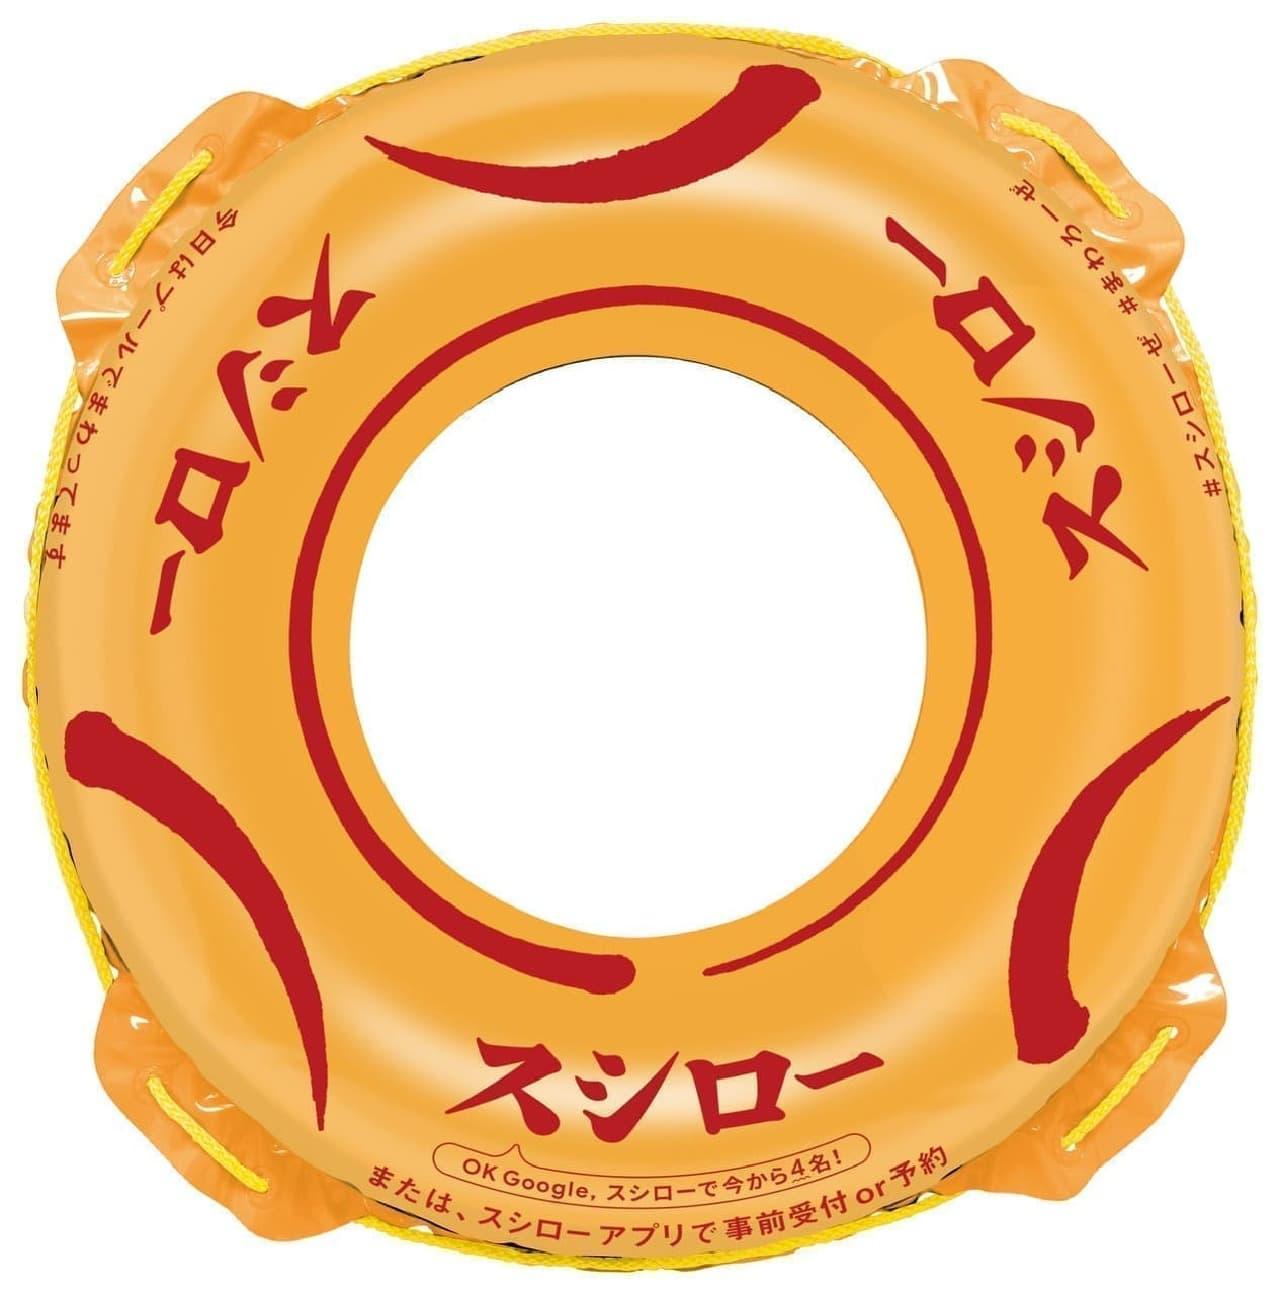 スシローのお皿浮き輪